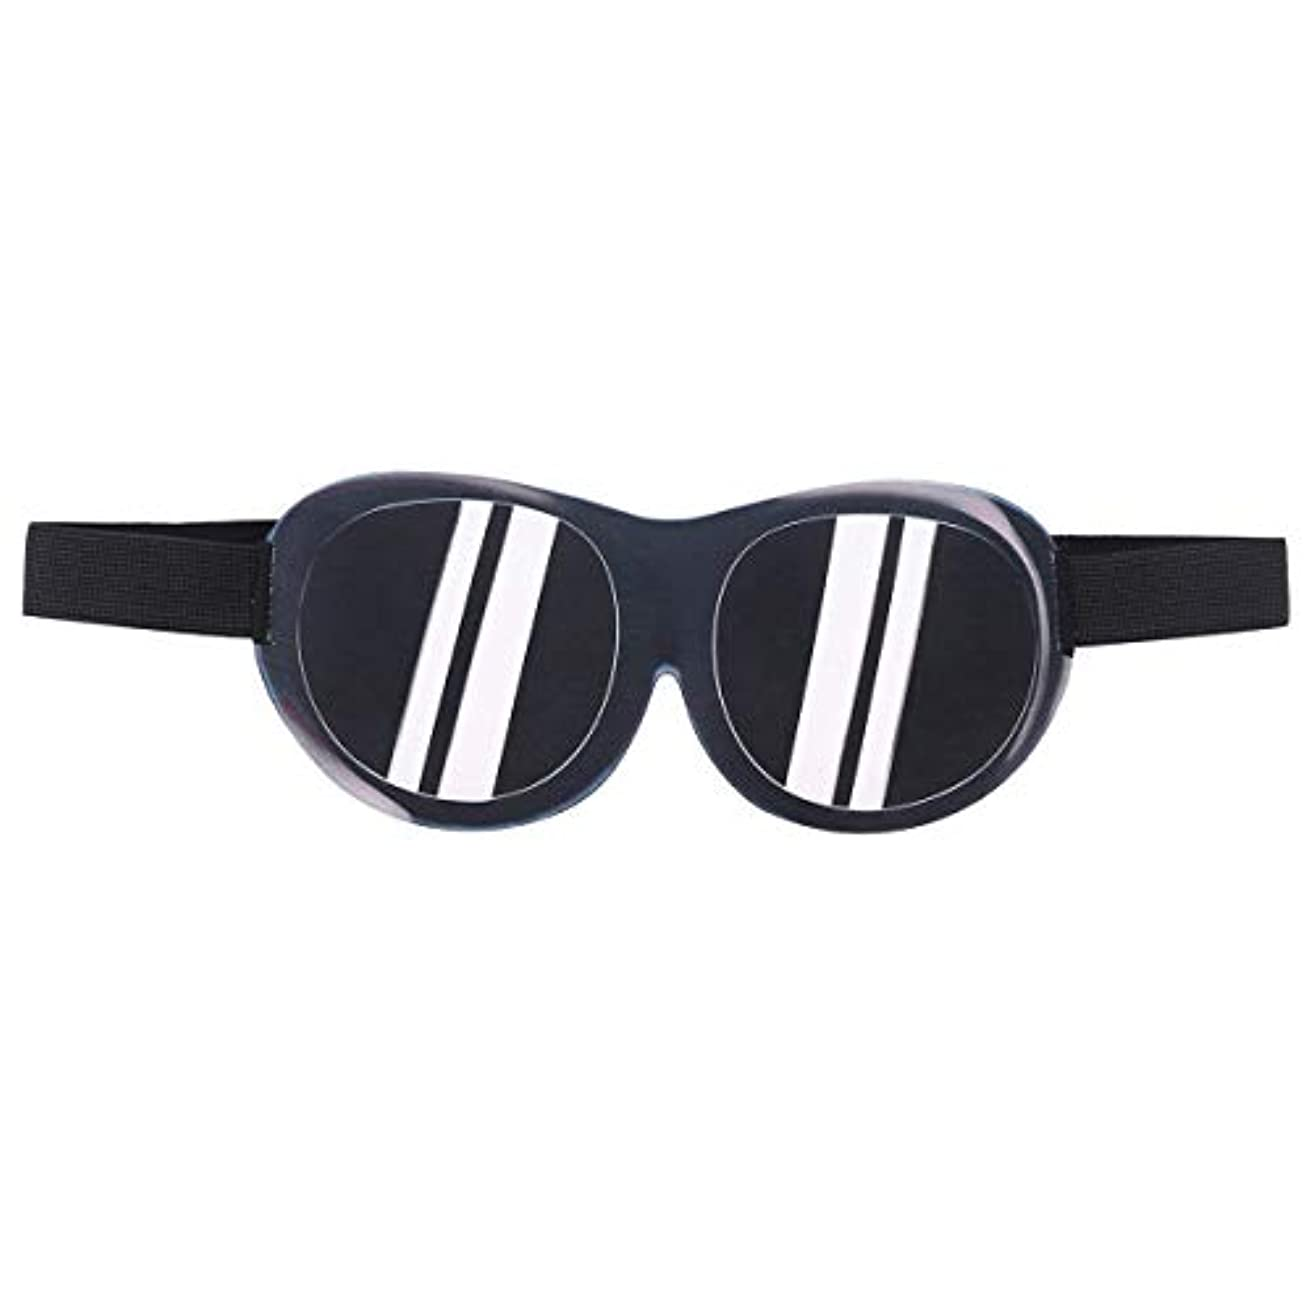 の有名人パーツHealifty 3D面白いアイシェード睡眠マスク旅行アイマスク目隠し睡眠ヘルパーアイシェード男性女性旅行昼寝と深い睡眠(サングラスを装ったふりをする)